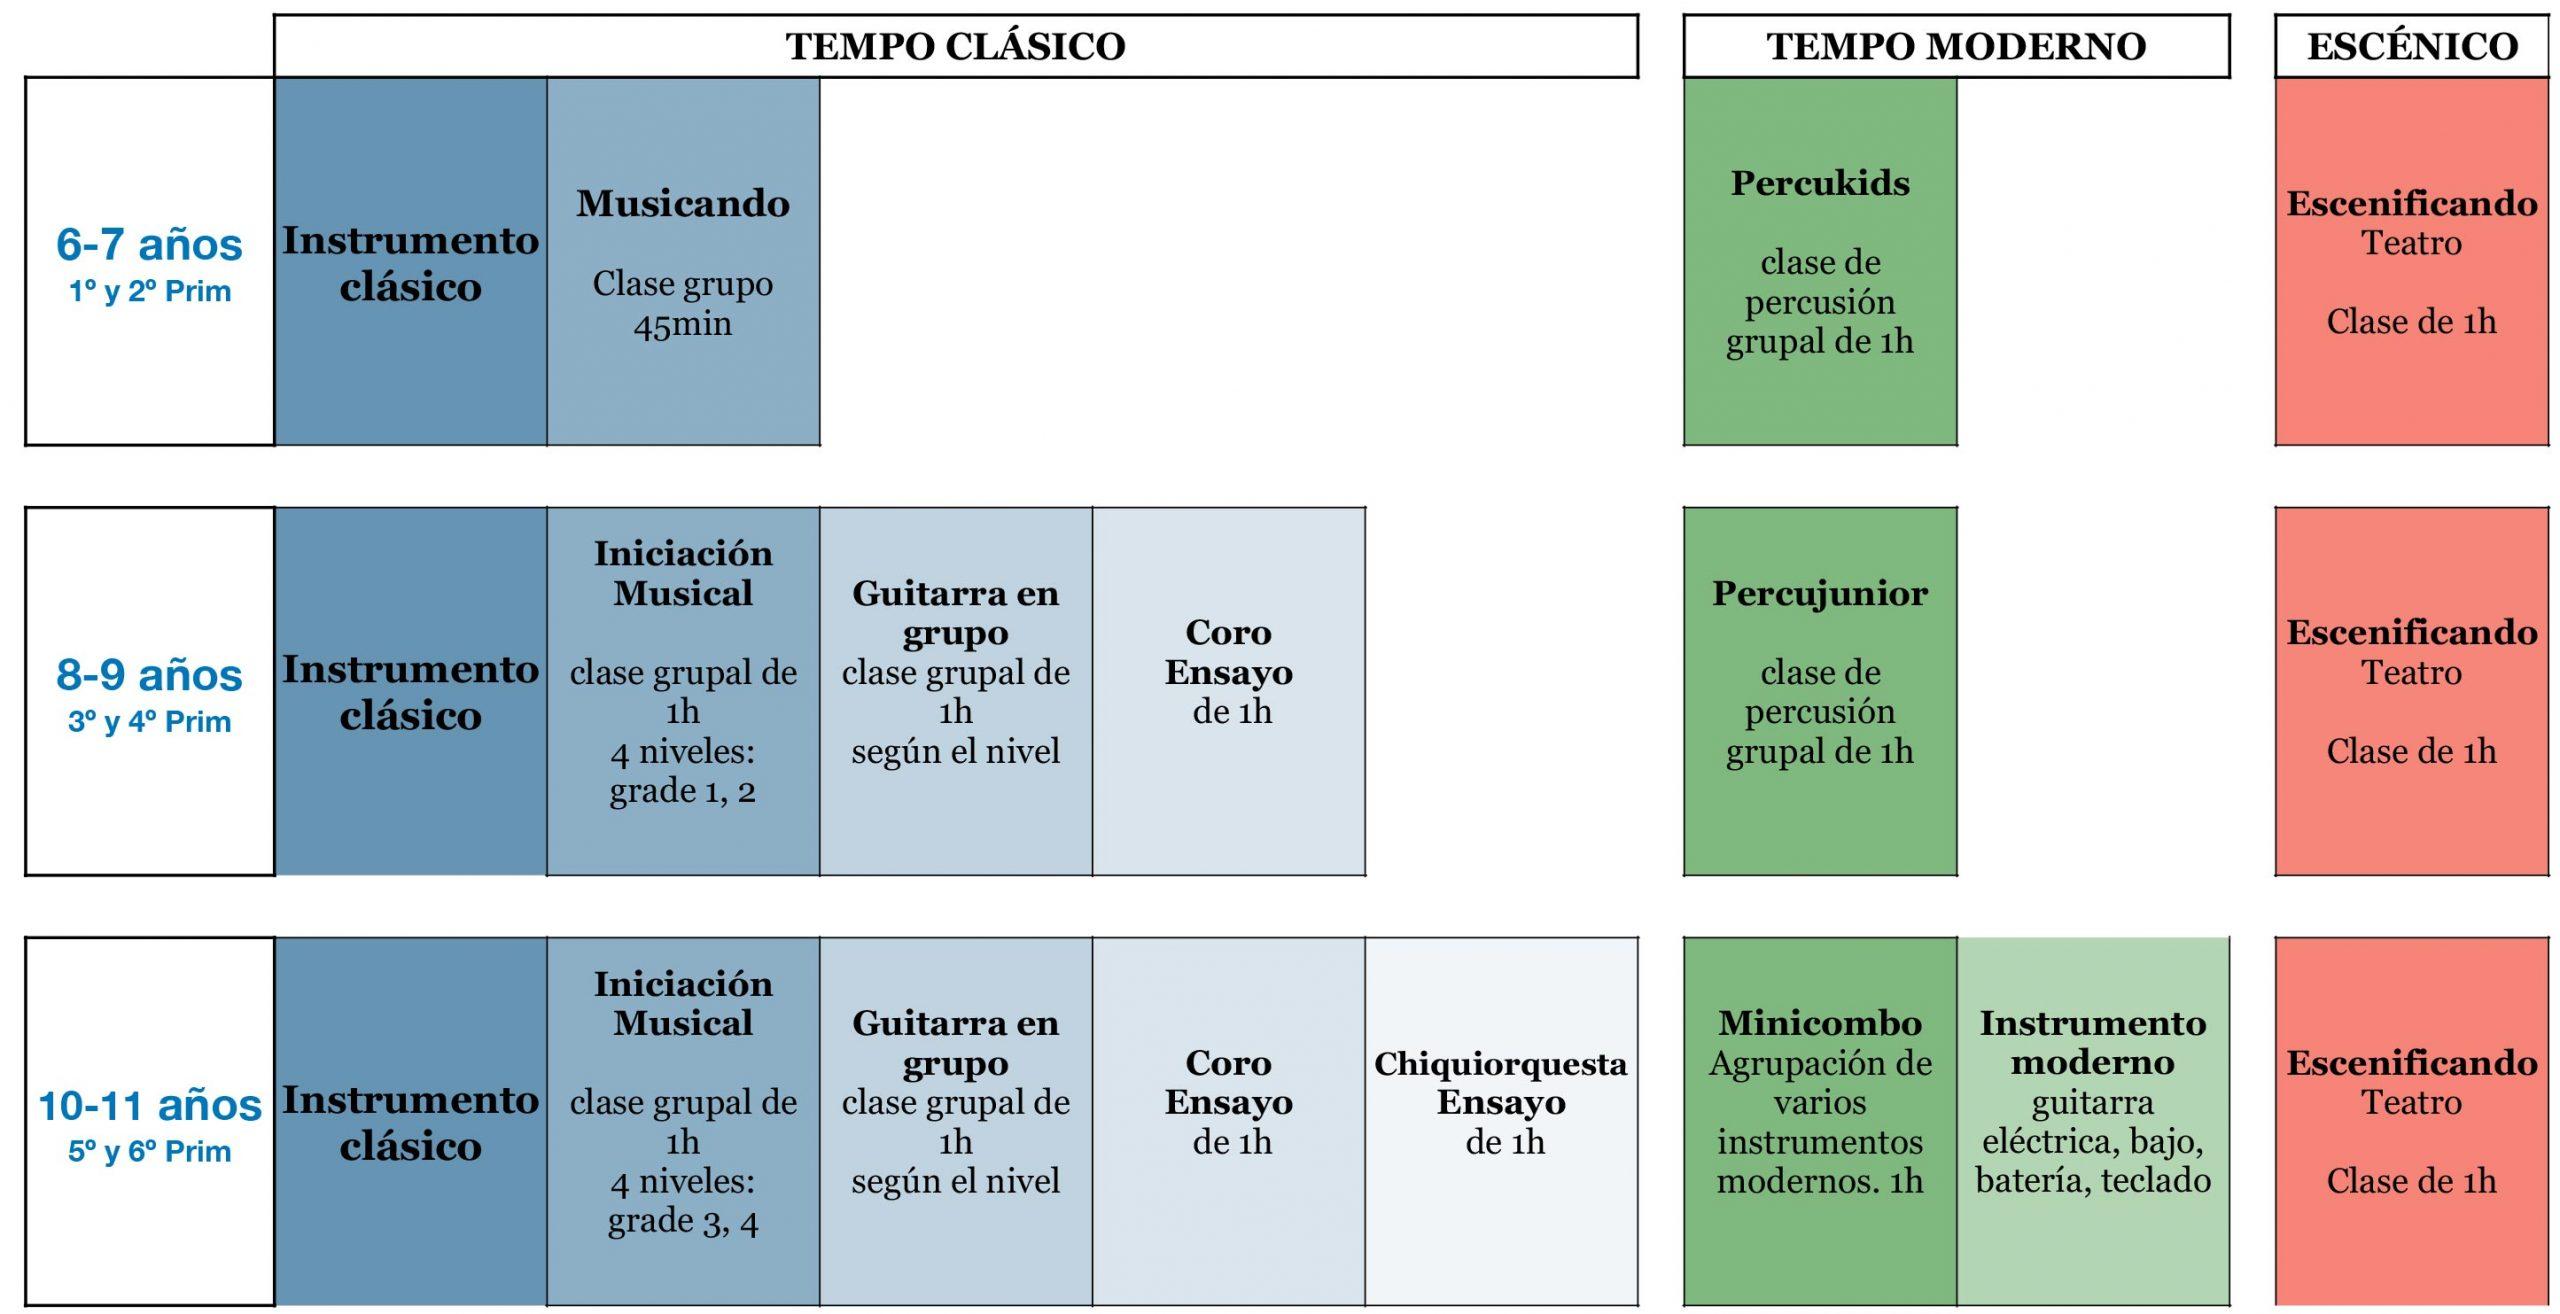 Programa Modulando Tempo Musical